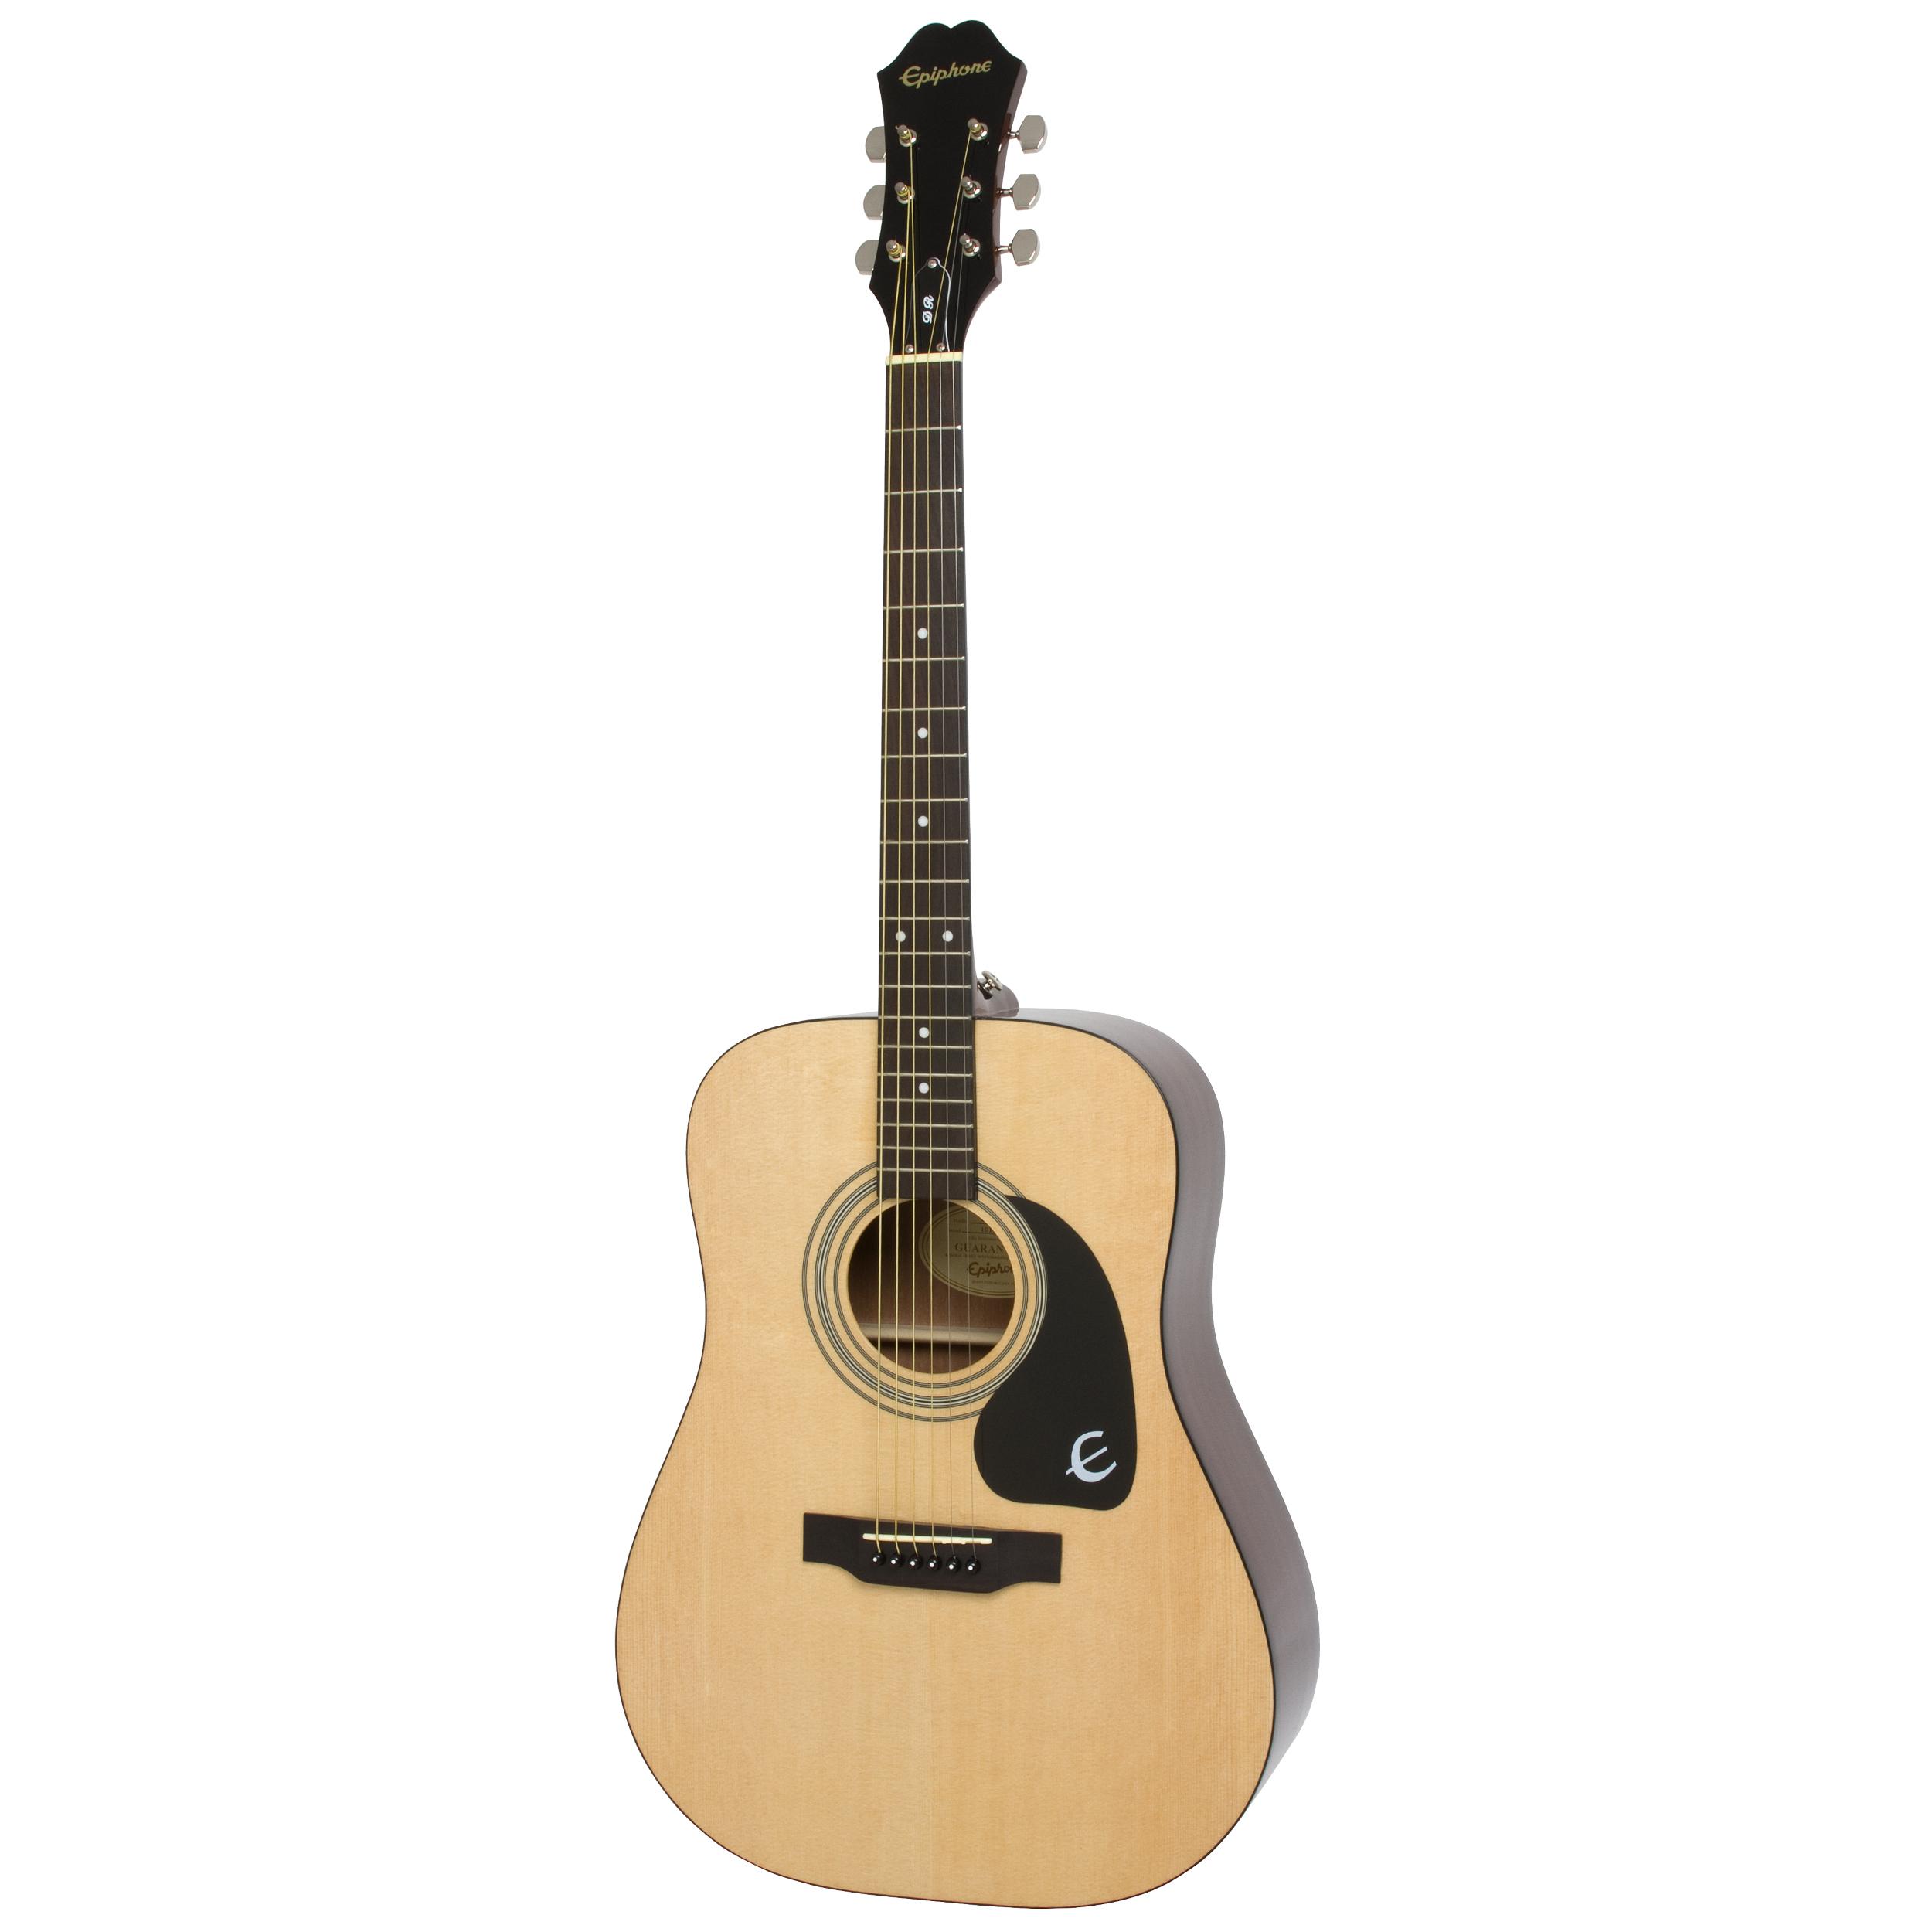 Epiphone DR-100 - Natural Guitar